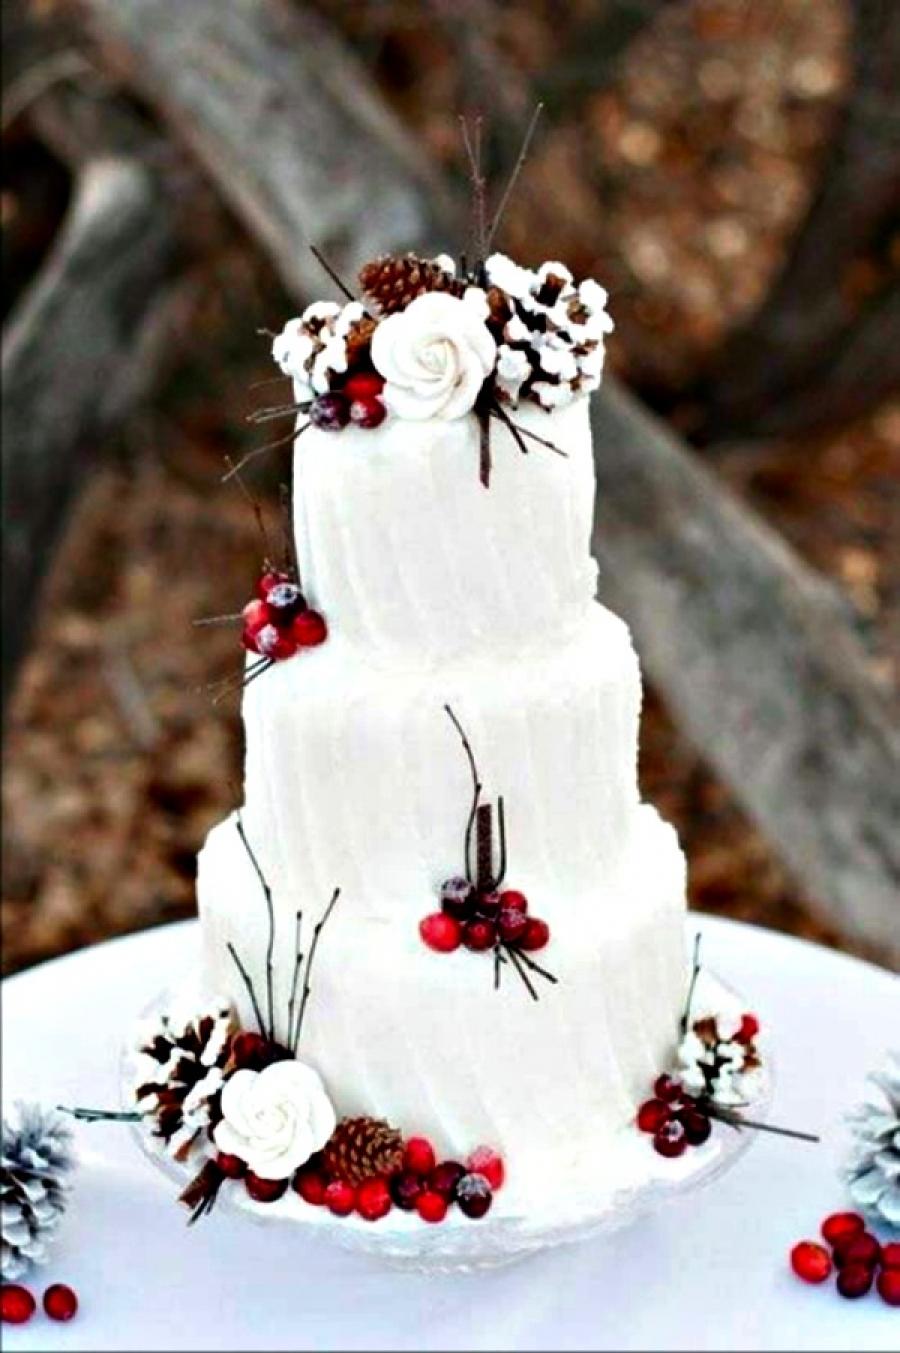 Romantic Winter Weddings in Italy - Delicious Italy